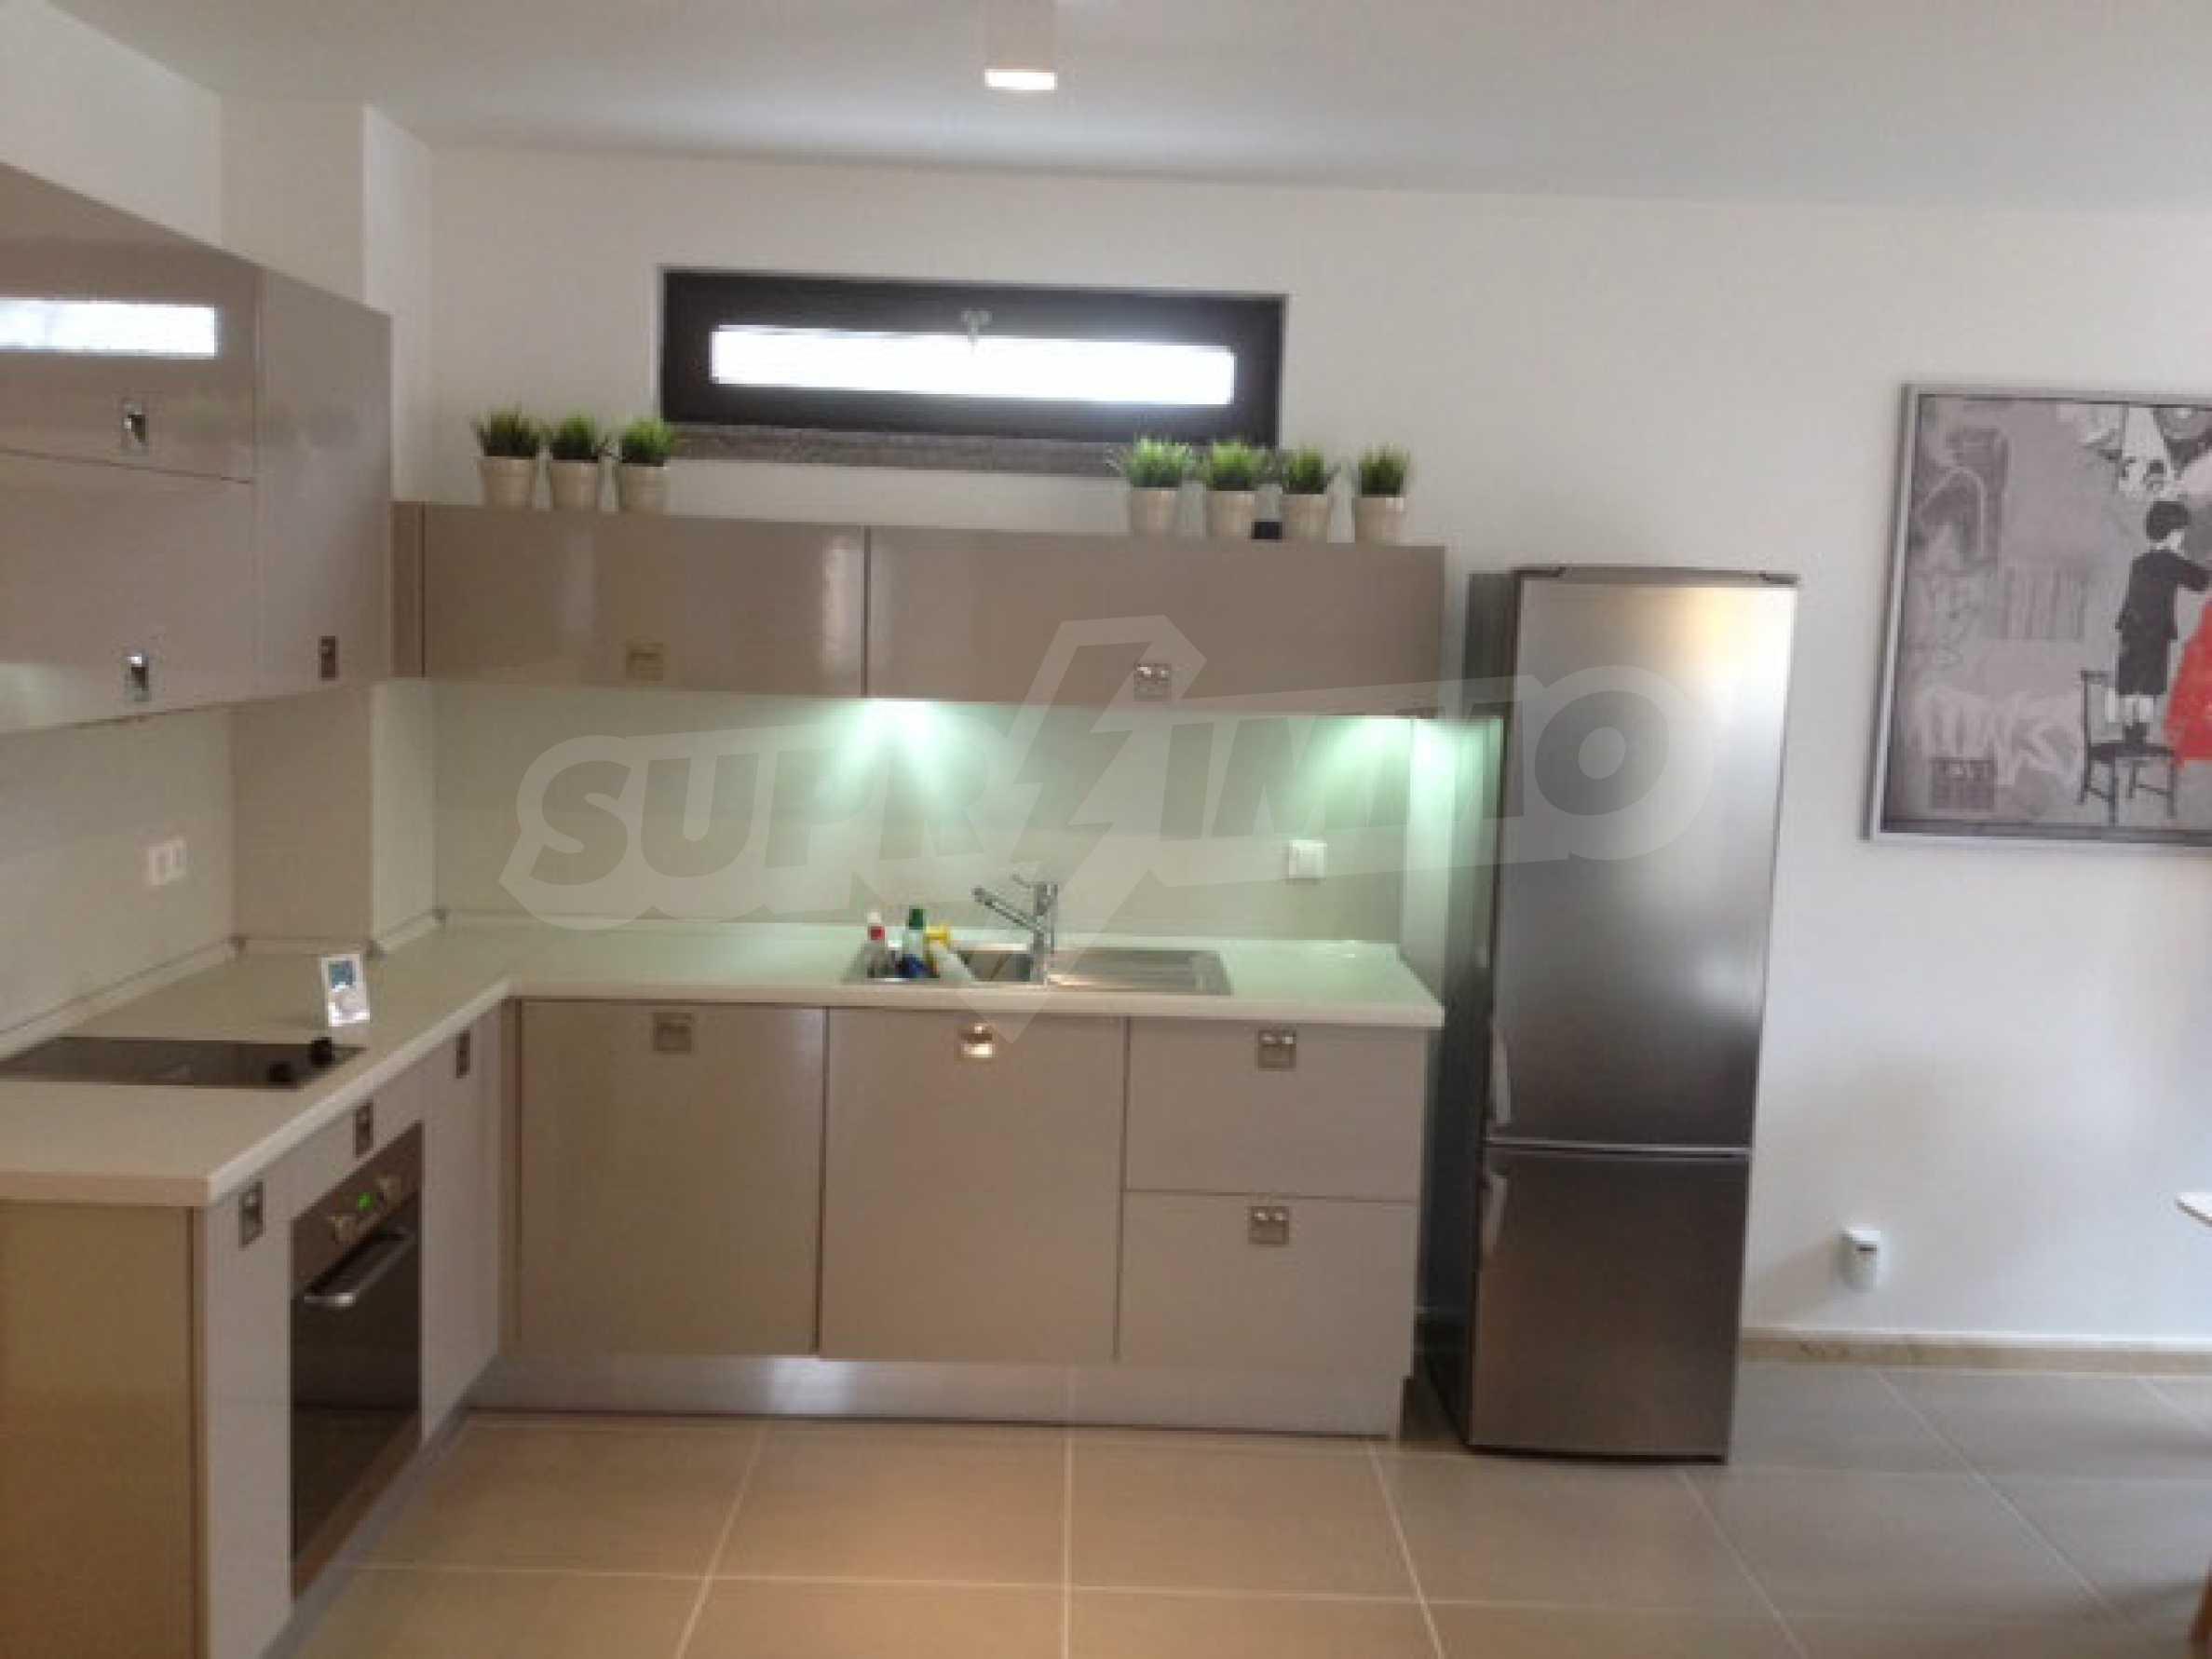 Komplett eingerichtete Wohnung zur Miete im Stadtteil Simeonovo 6